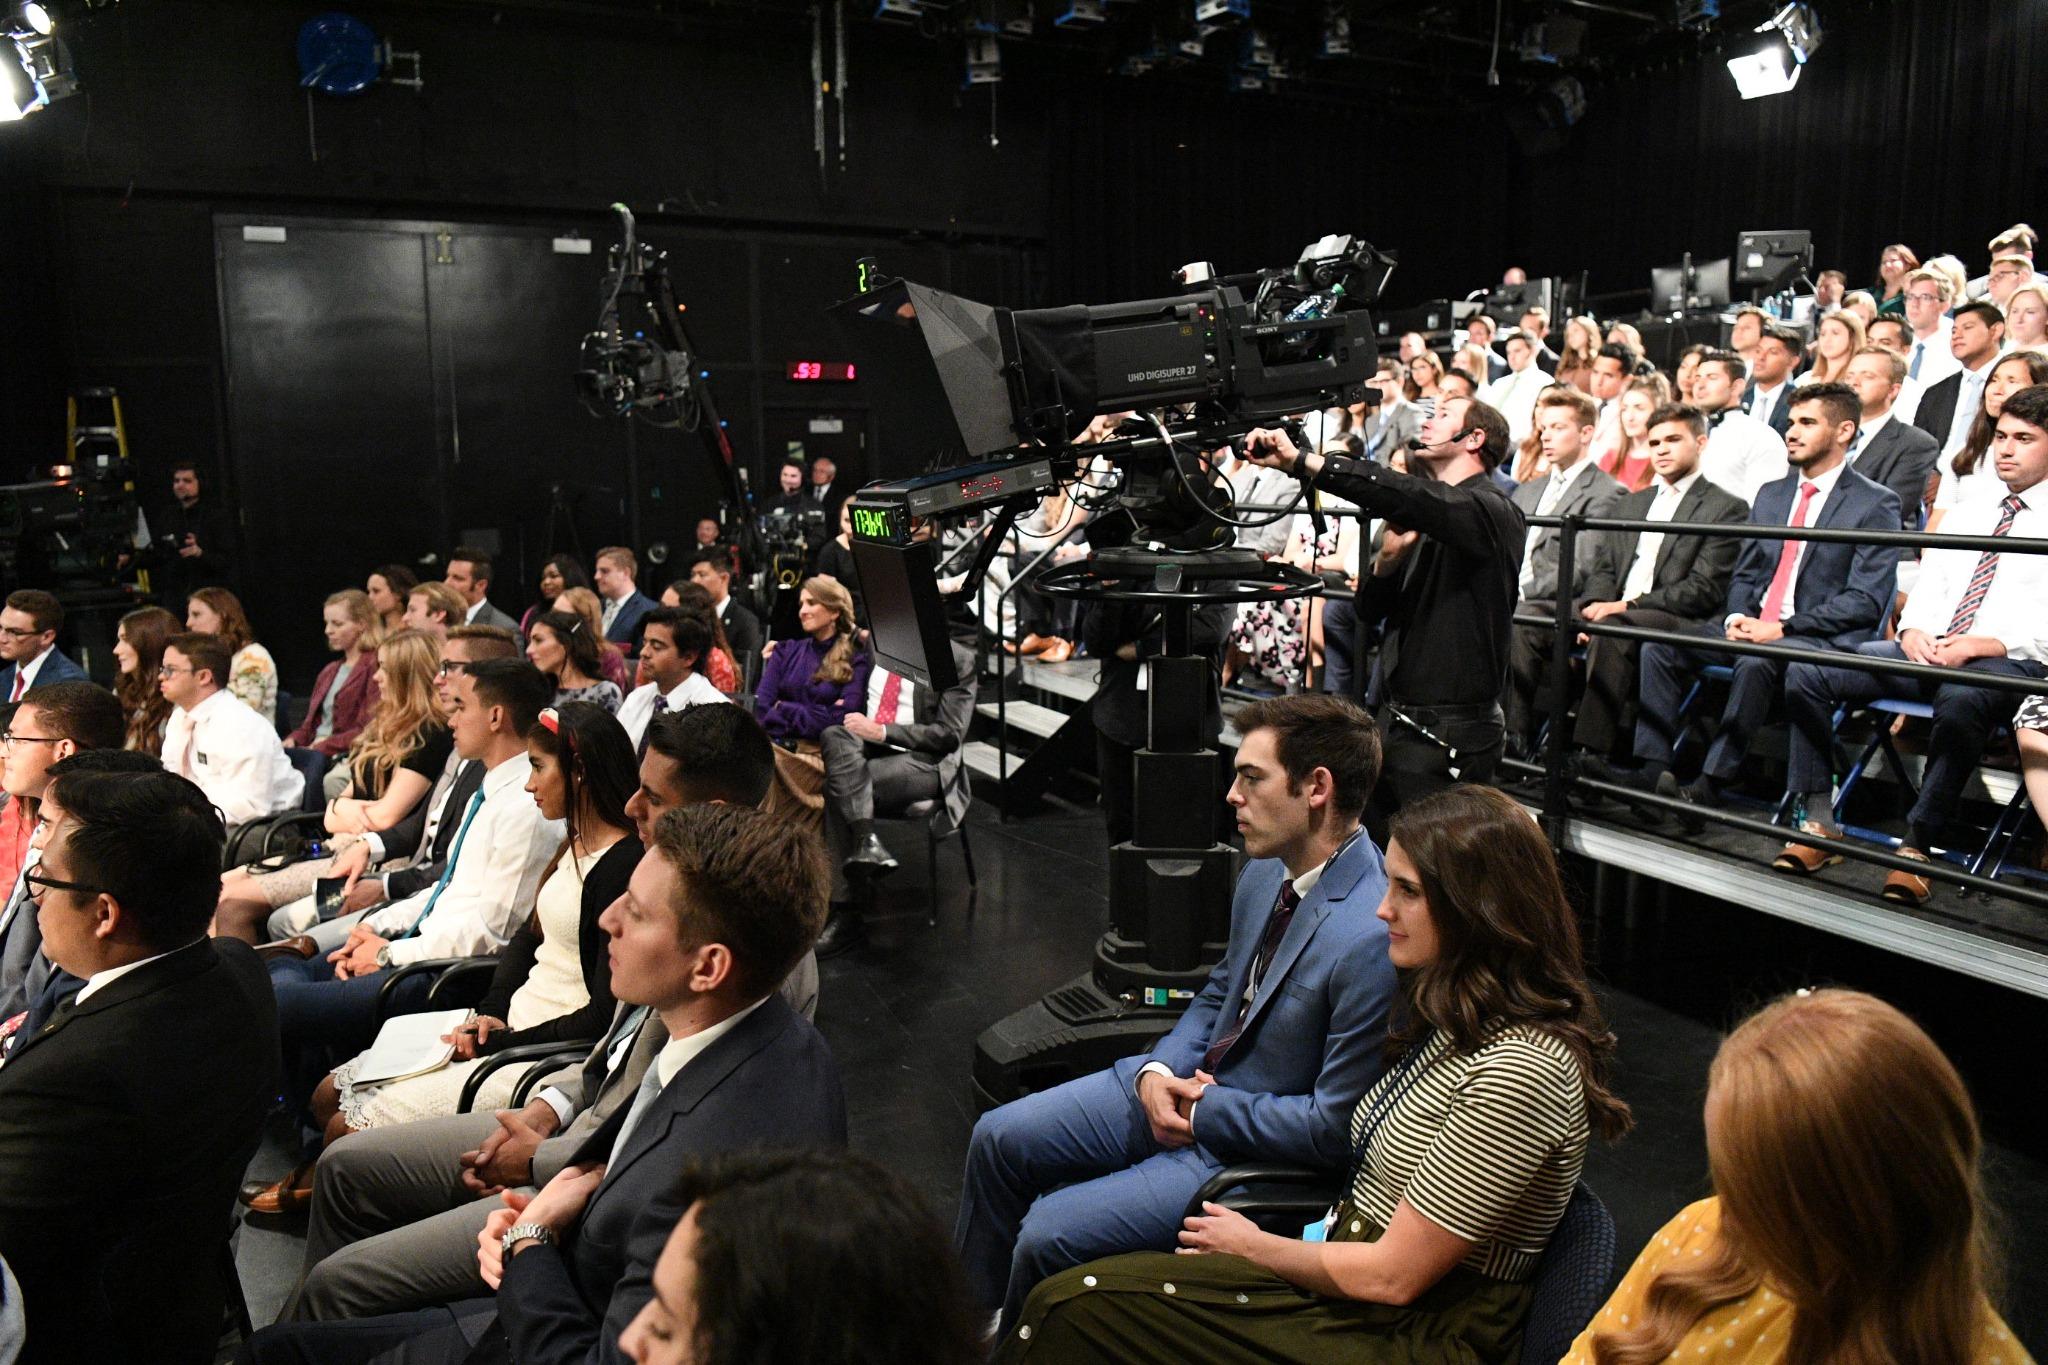 O público de jovens adultos santos dos últimos dias se reúne em um estúdio da BYU em Provo, Utah, e em outros locais no mundo todo para a transmissão do Devocional Mundial Cara a Cara no domingo, 15 de setembro de 2019.